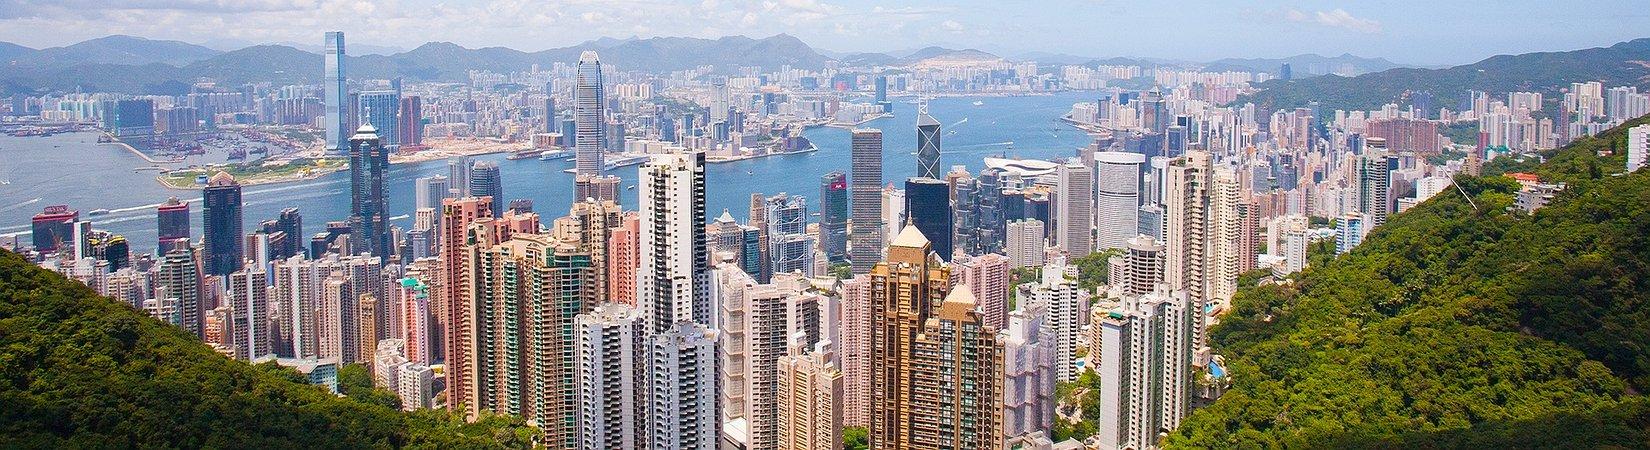 Le 10 migliori citt del mondo dove studiare analisi for Le migliori citta del mondo